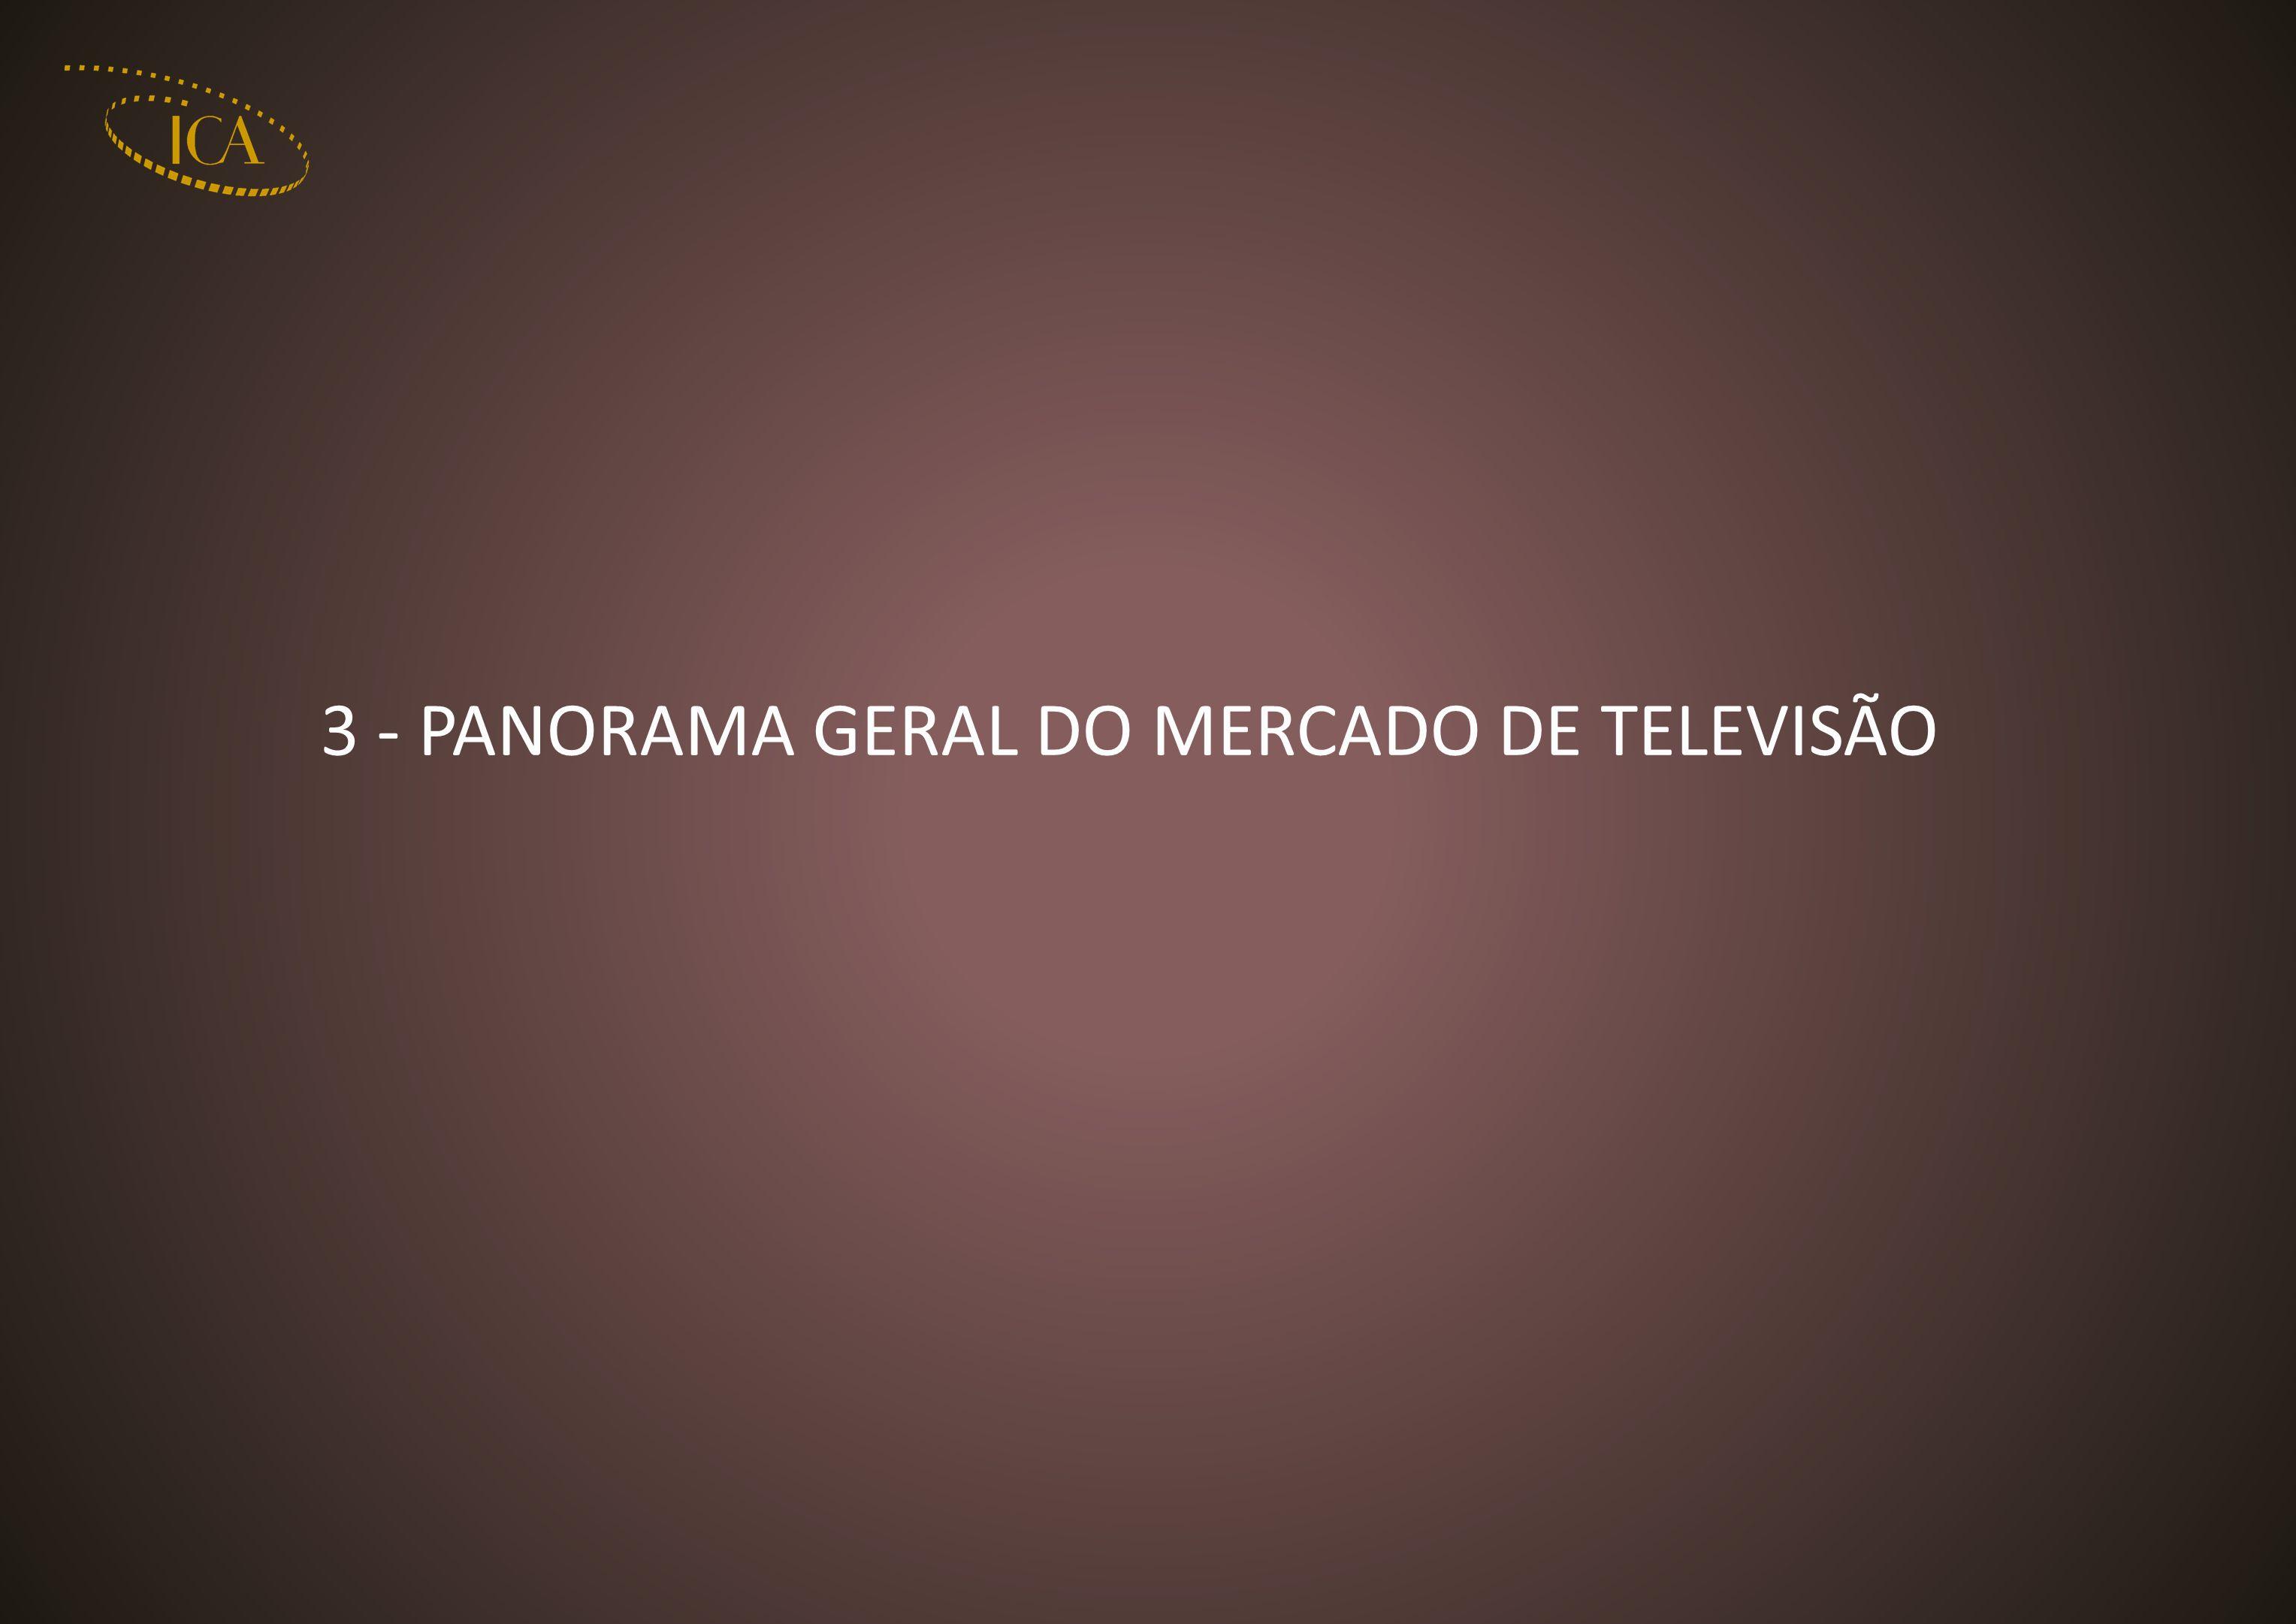 3 - PANORAMA GERAL DO MERCADO DE TELEVISÃO